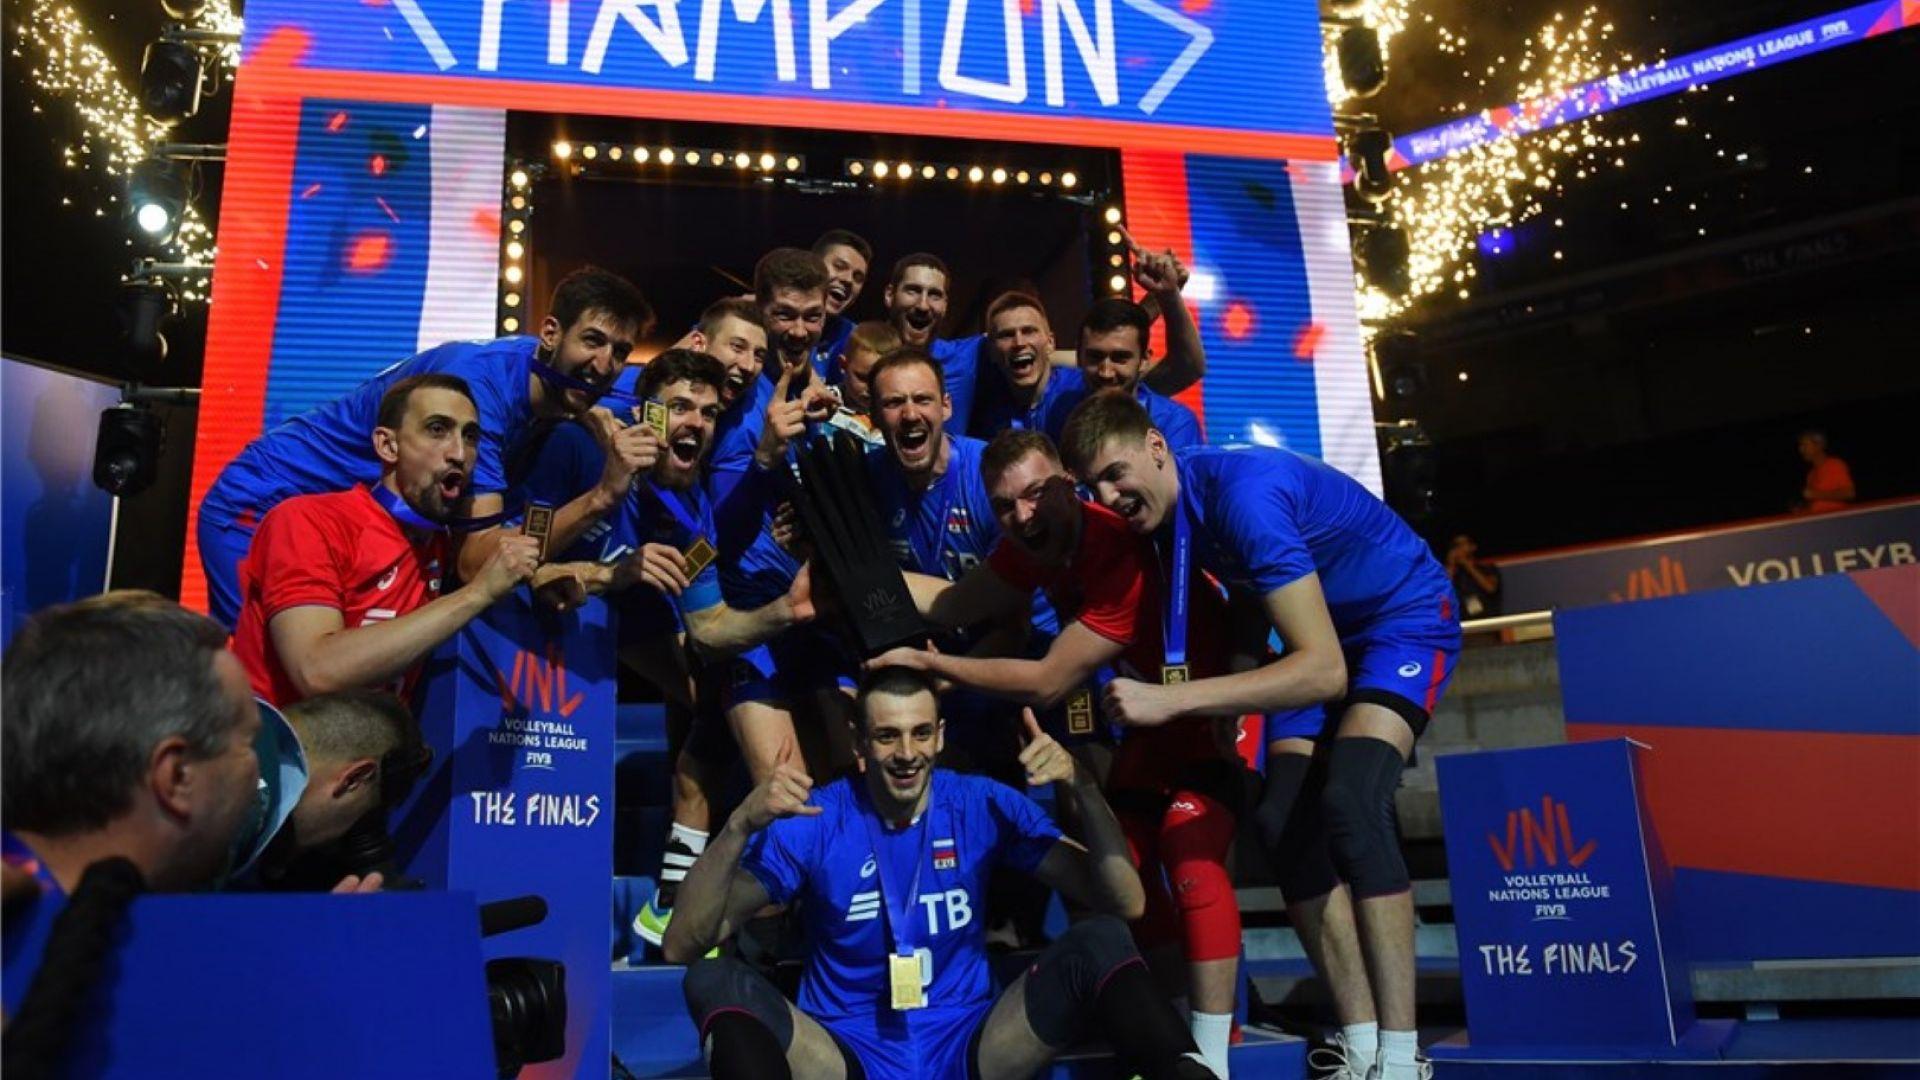 Русия спечели волейболната лига за четвърти път